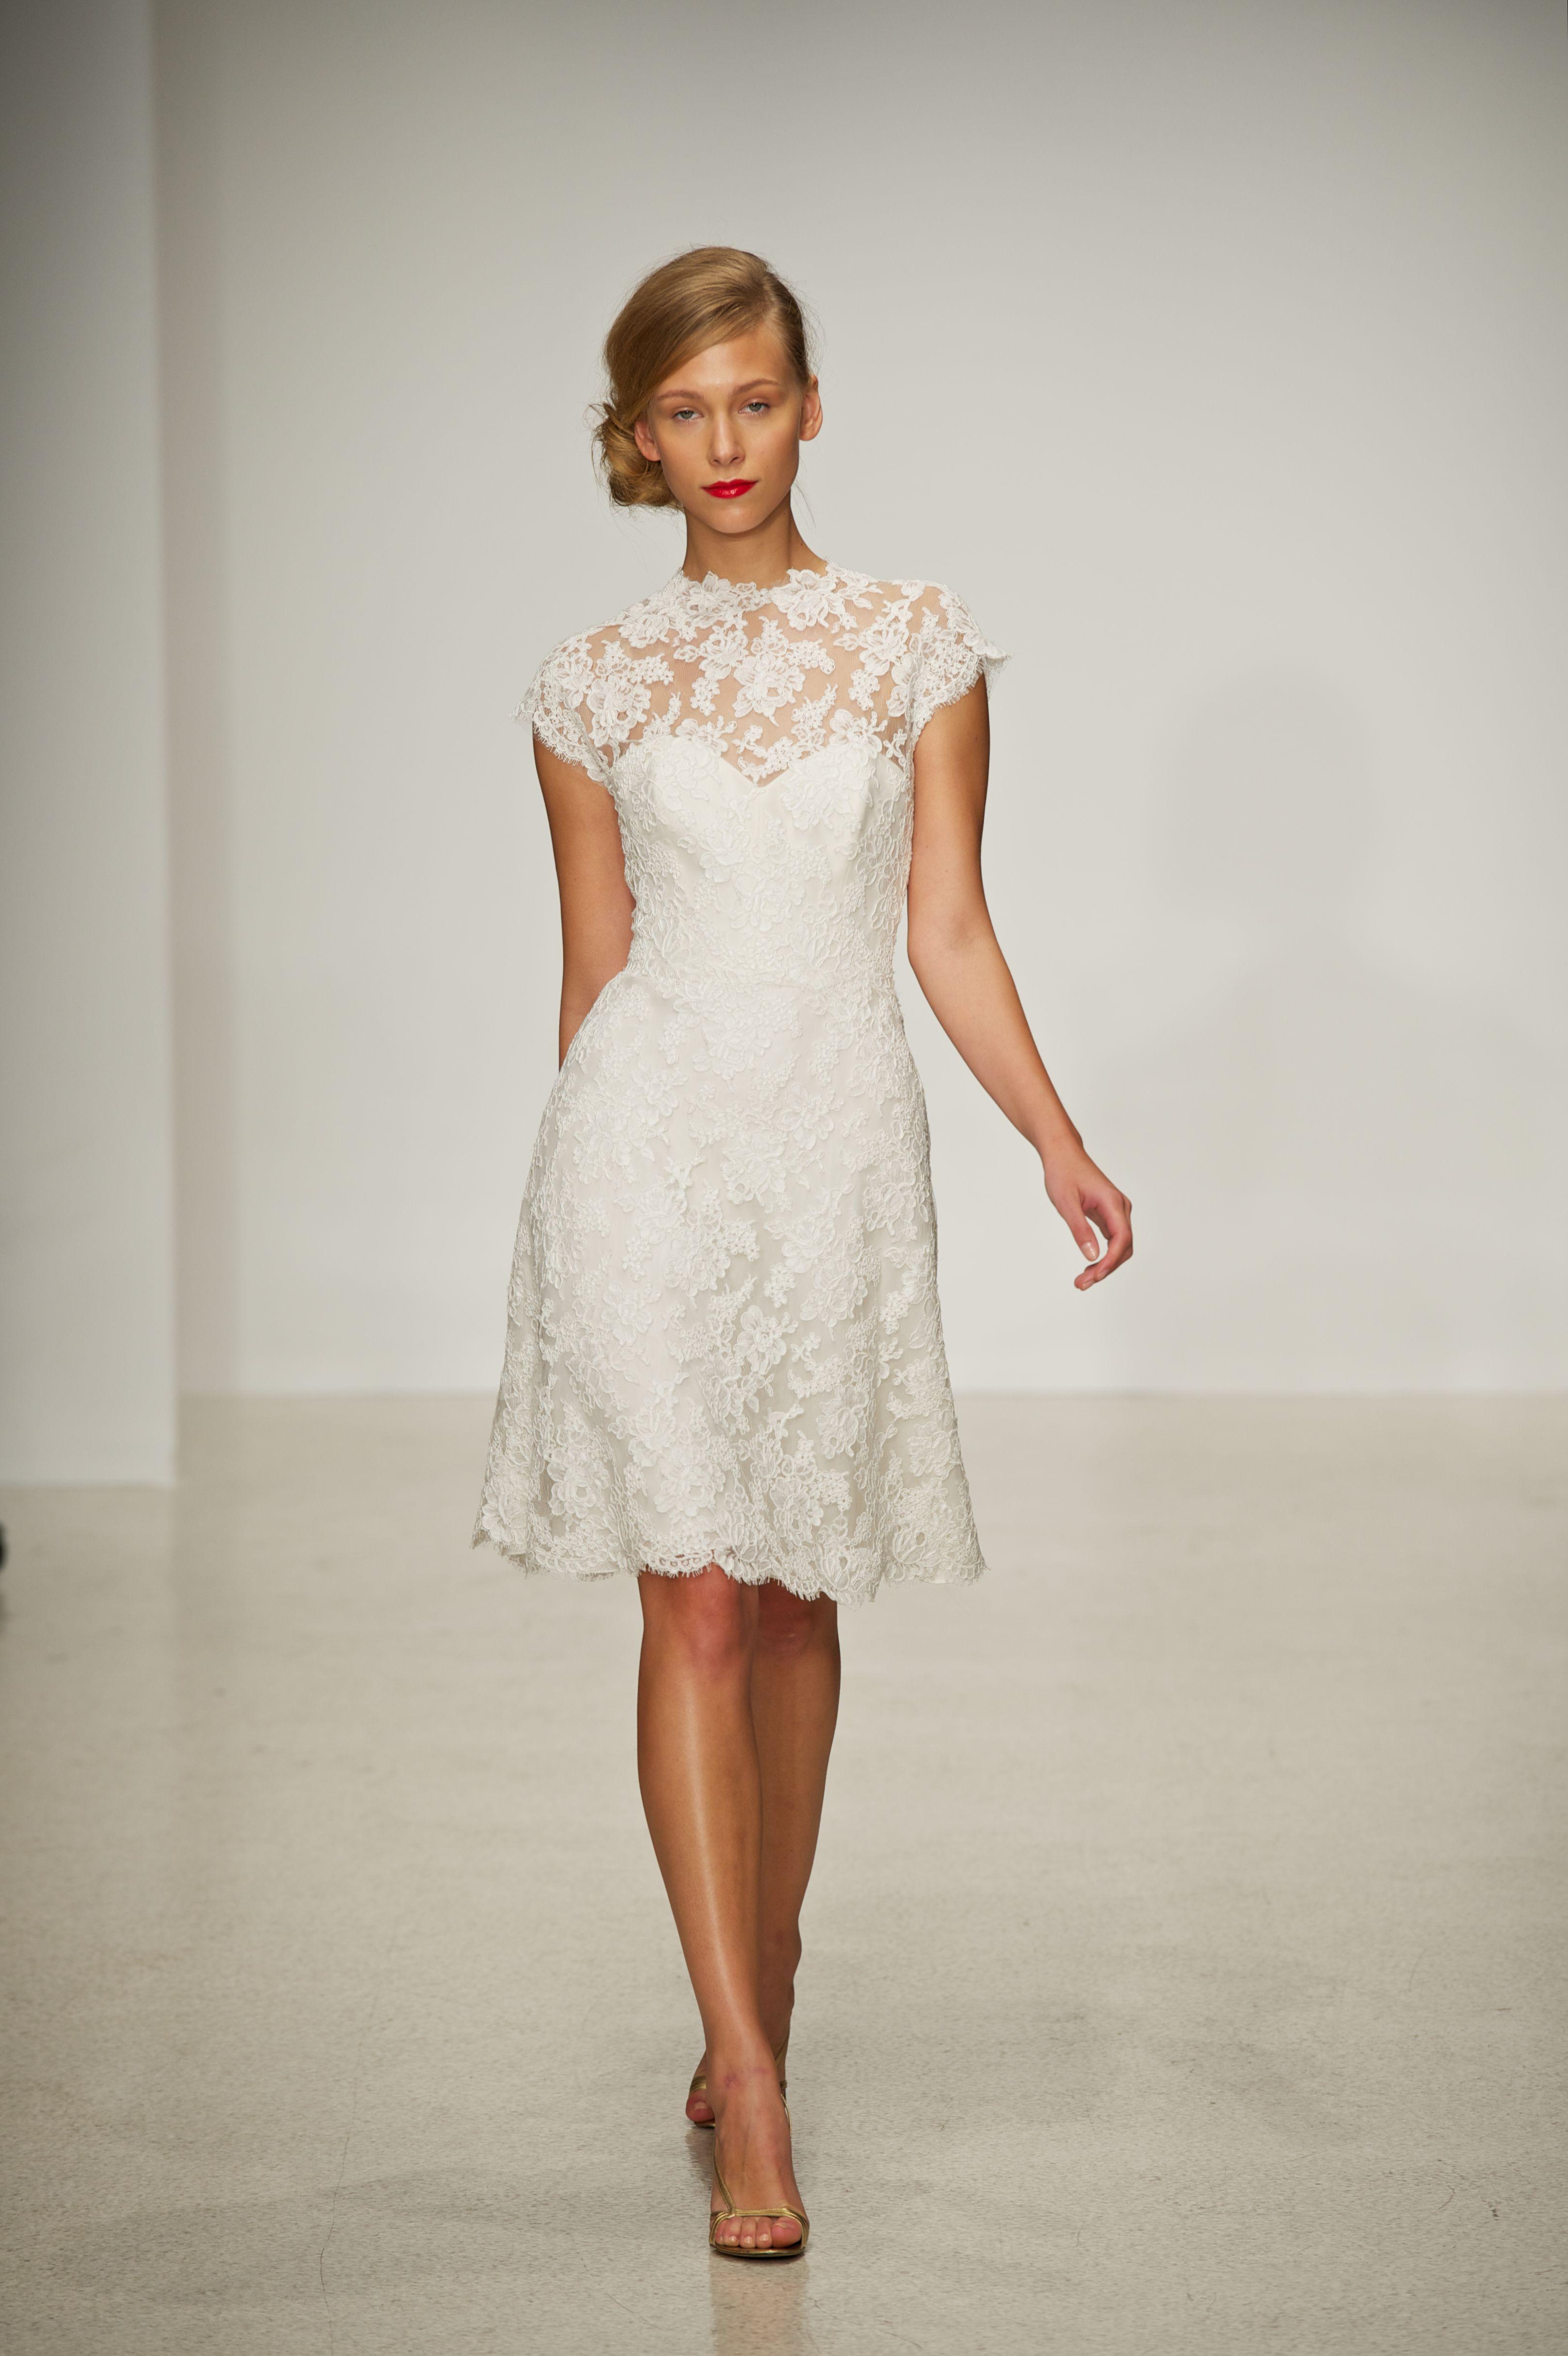 Amsale Little White Dress Chloe Love For A Rehearsal Dinner